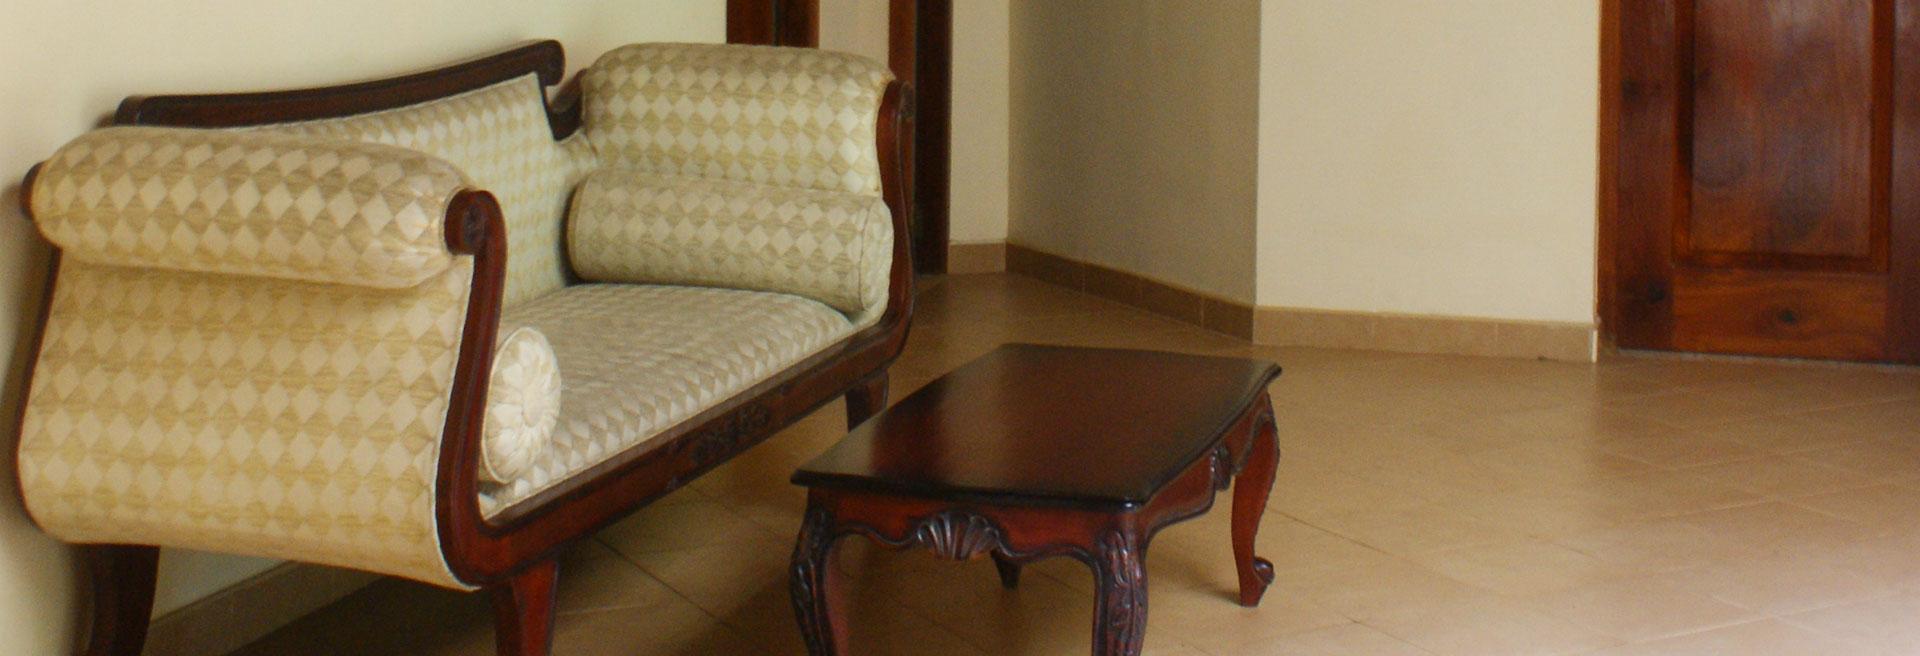 Indoor sitting area